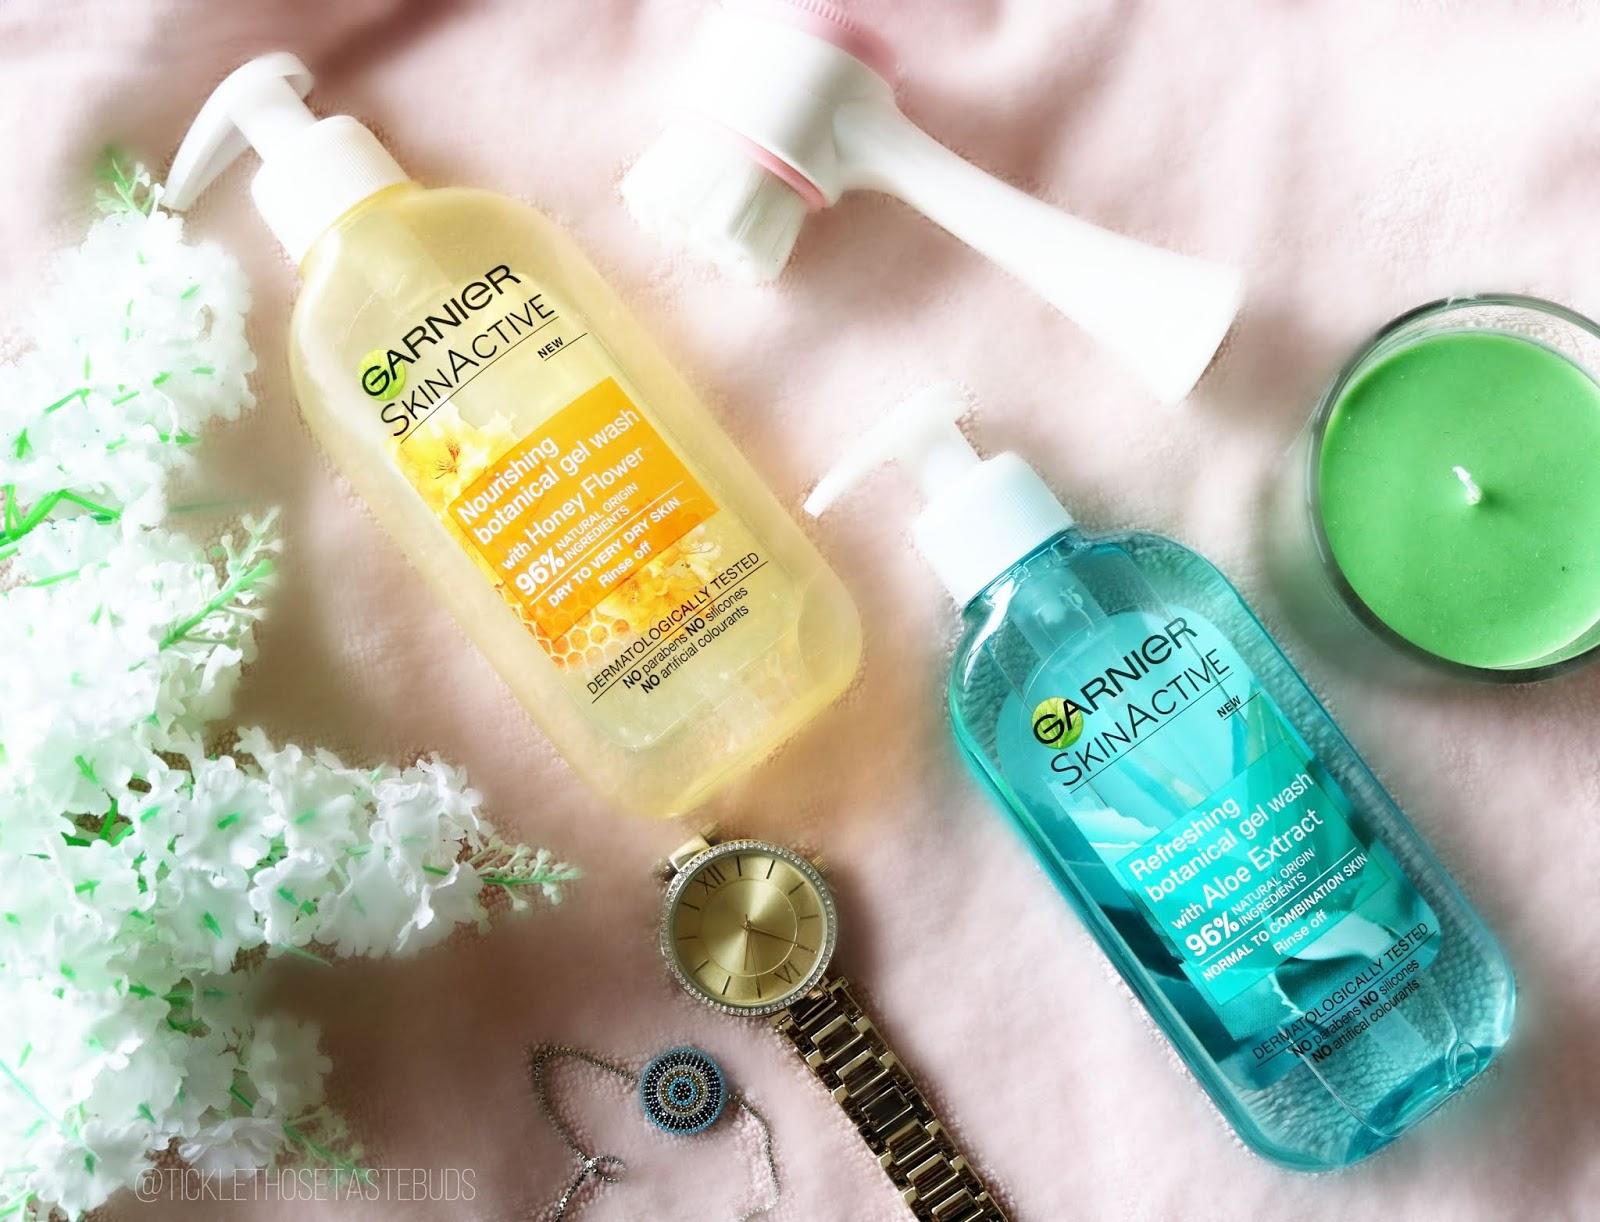 Garnier-Skin-Active-Gel-Wash